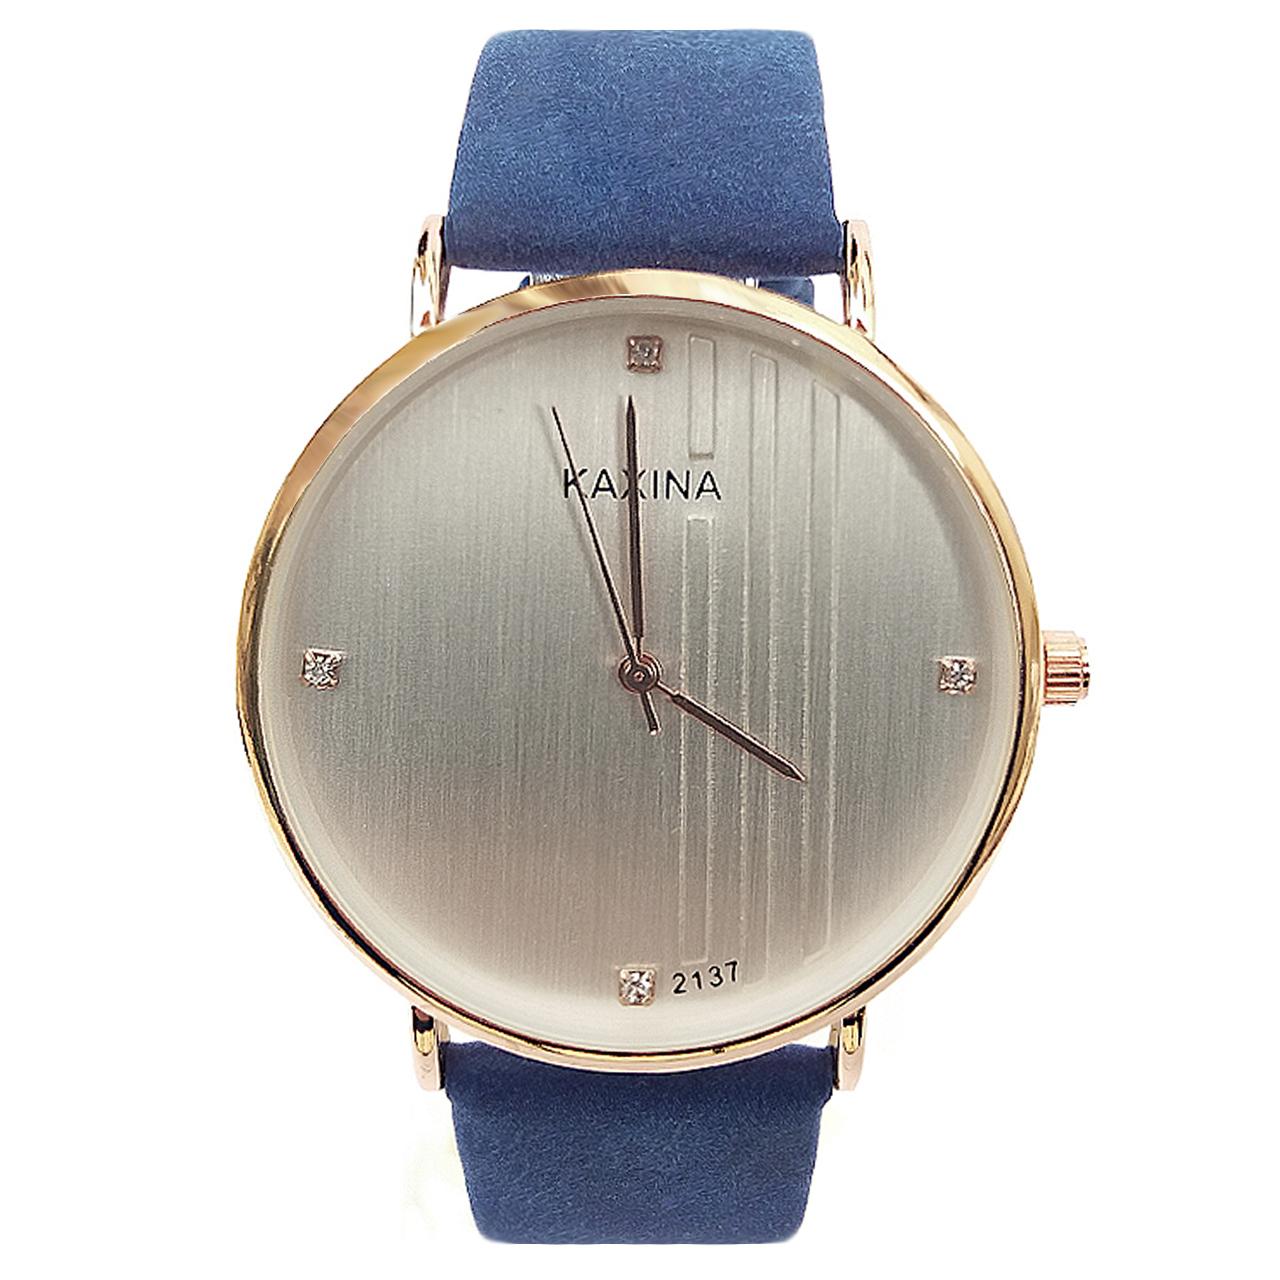 ساعت مچی عقربه ای کاکسینا مدل 475